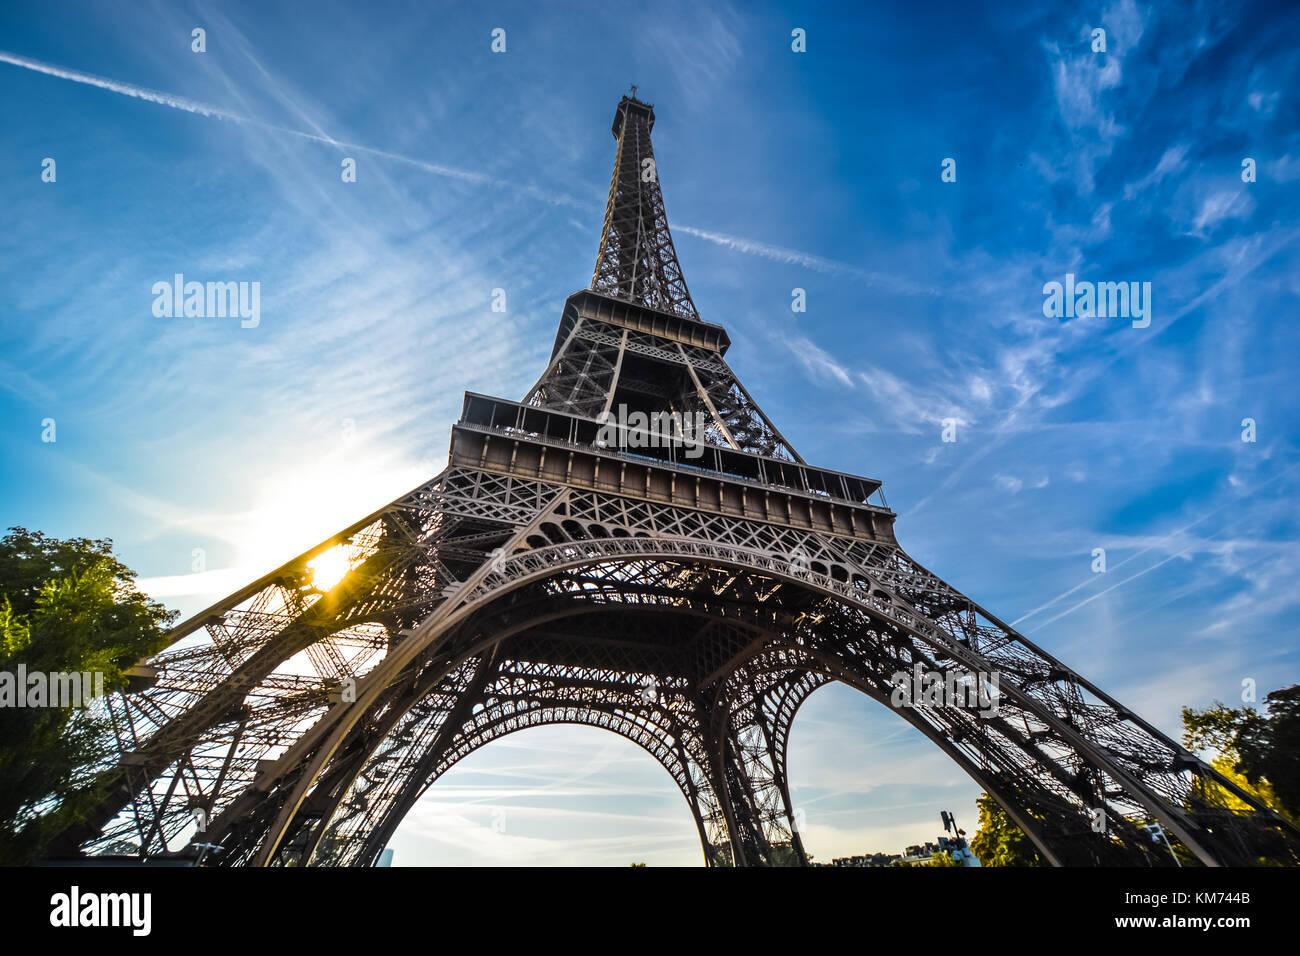 Una vista della Torre Eiffel con un obiettivo grandangolare guardando verso l'alto dalla base in un pomeriggio Immagini Stock